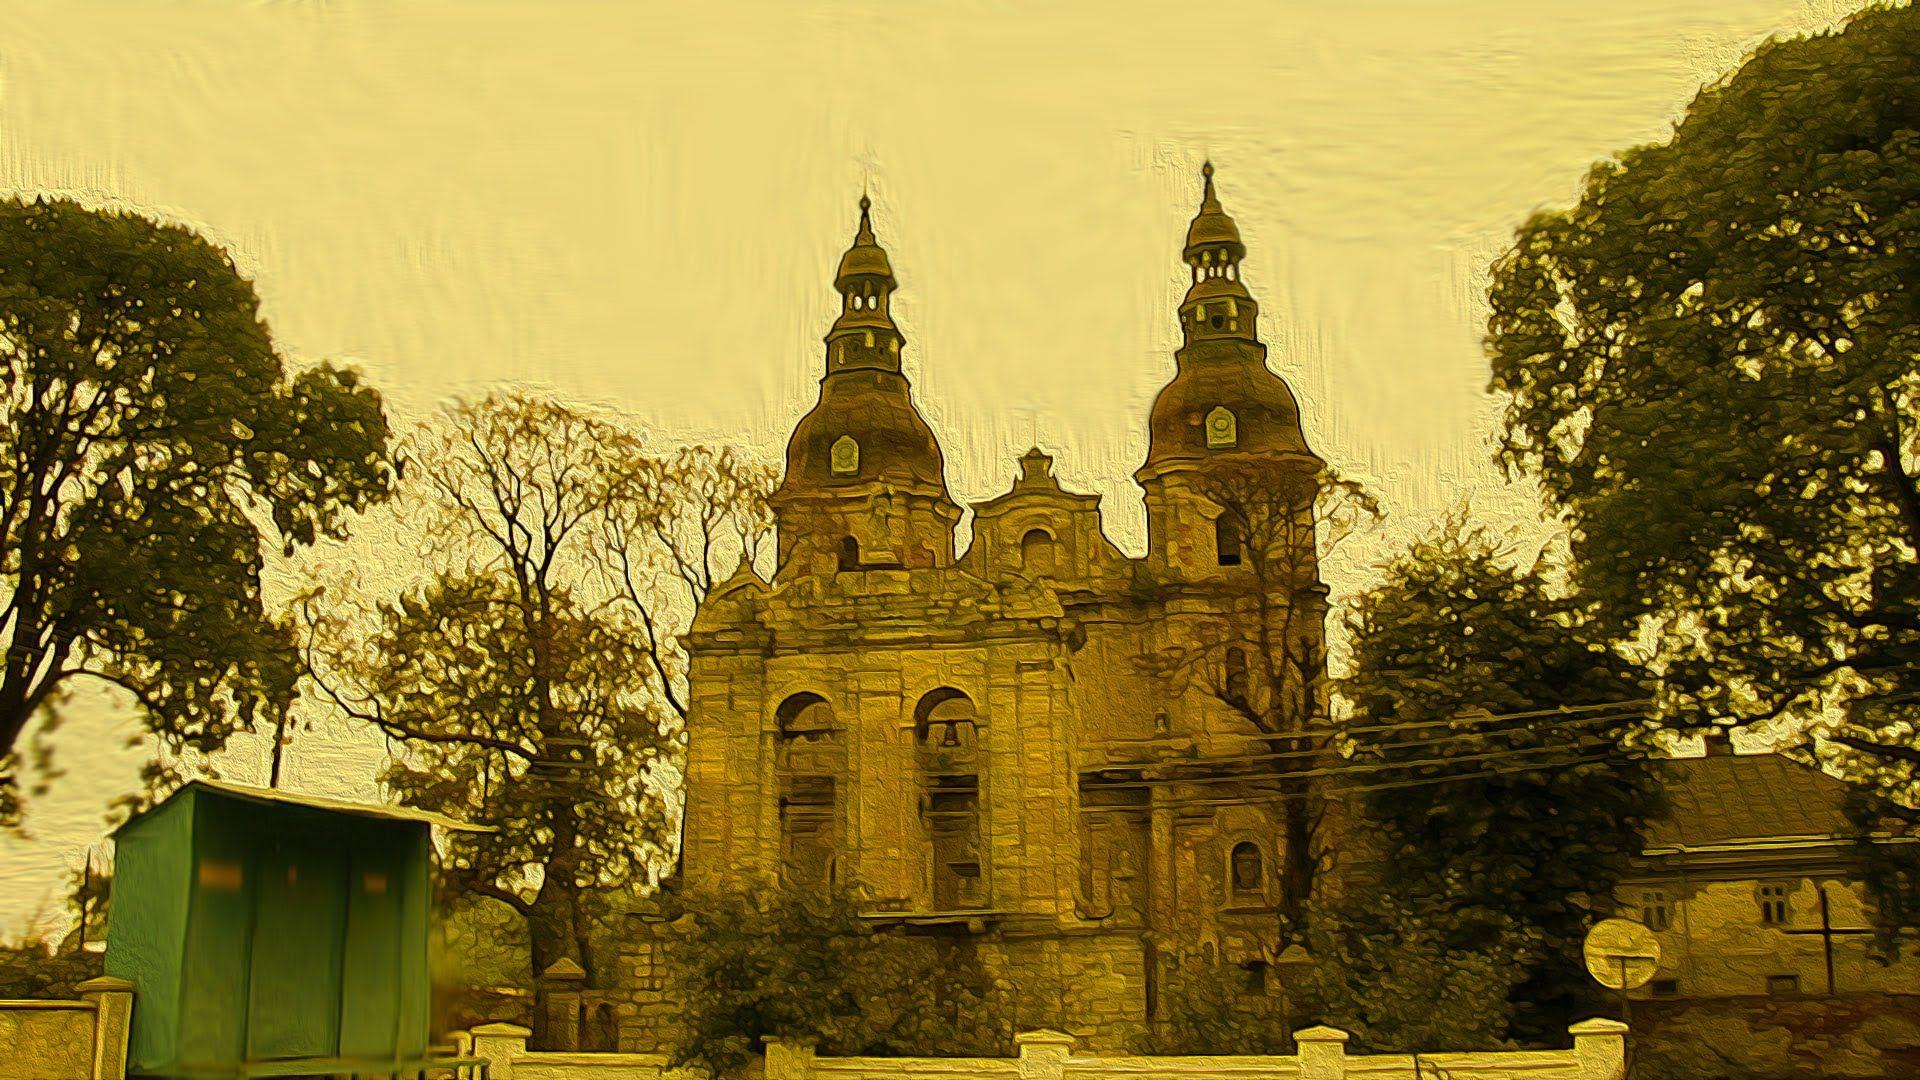 Hvizdets BERNARDINE Monastery